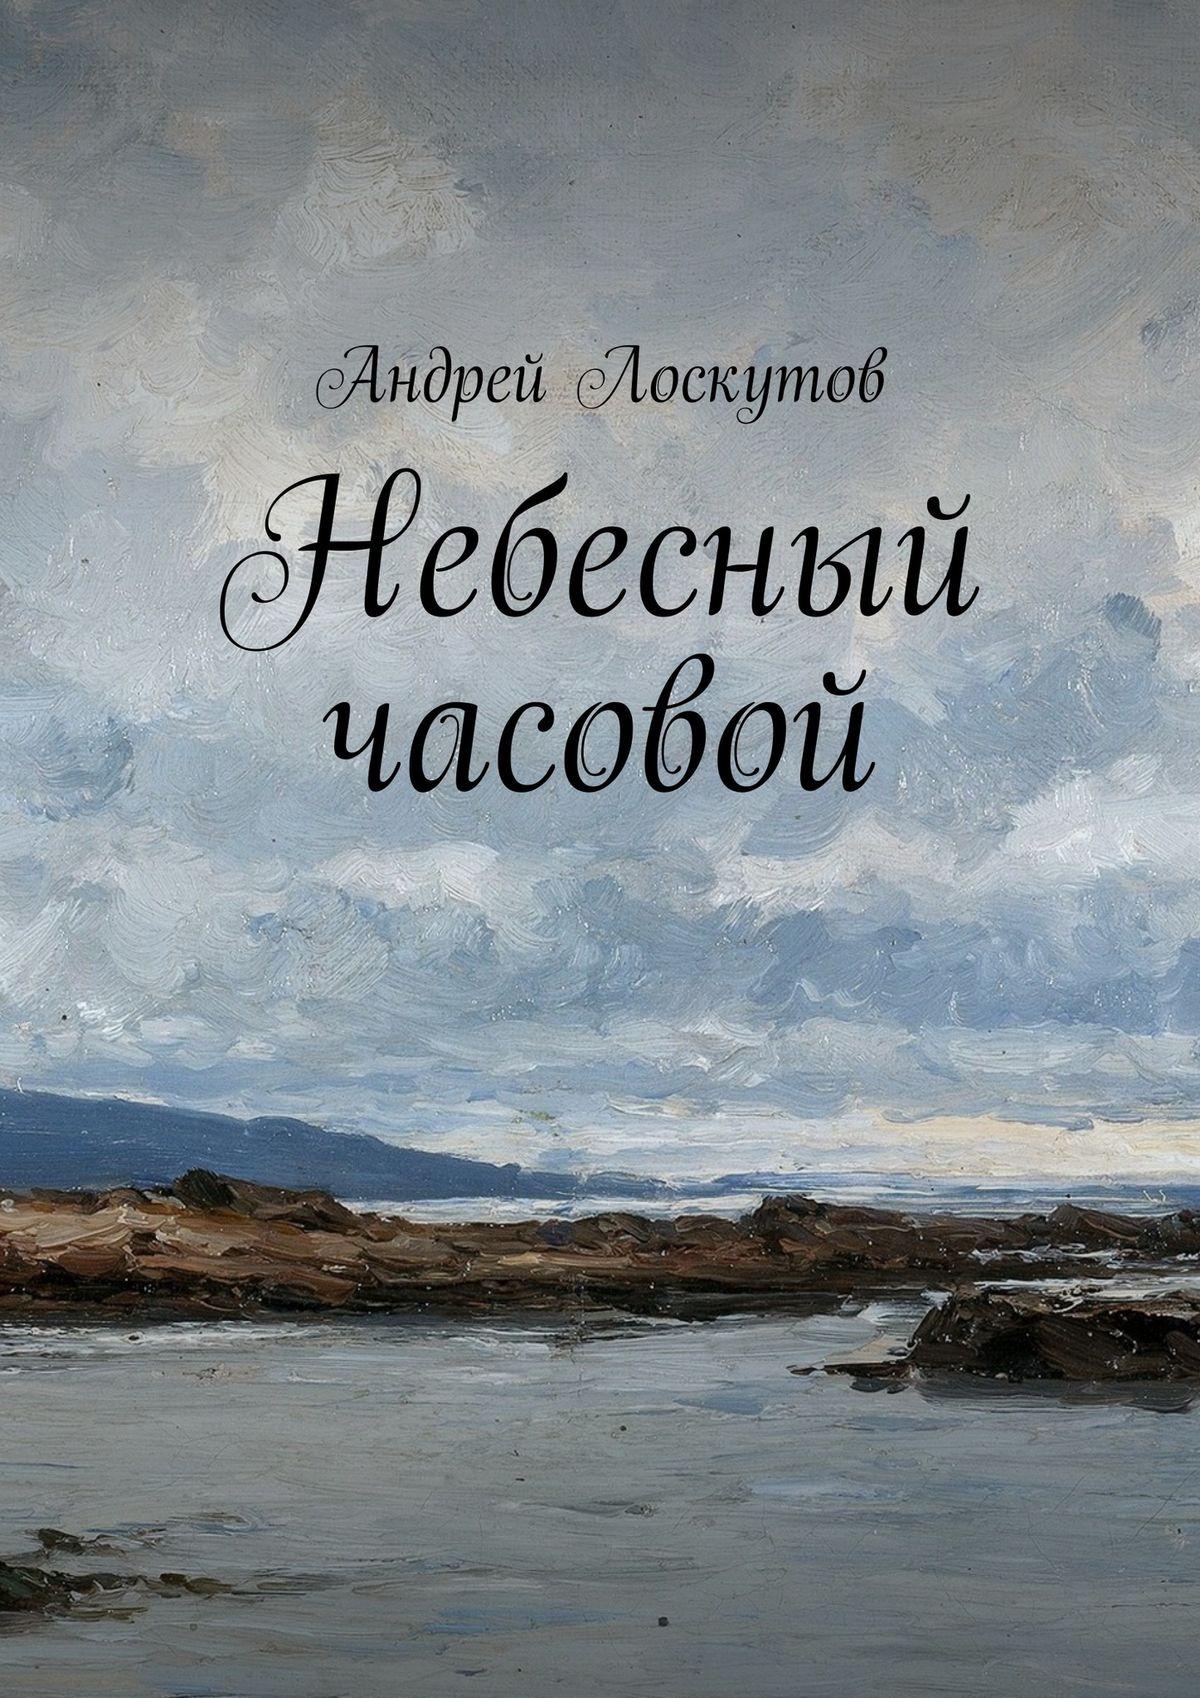 Небесный часовой